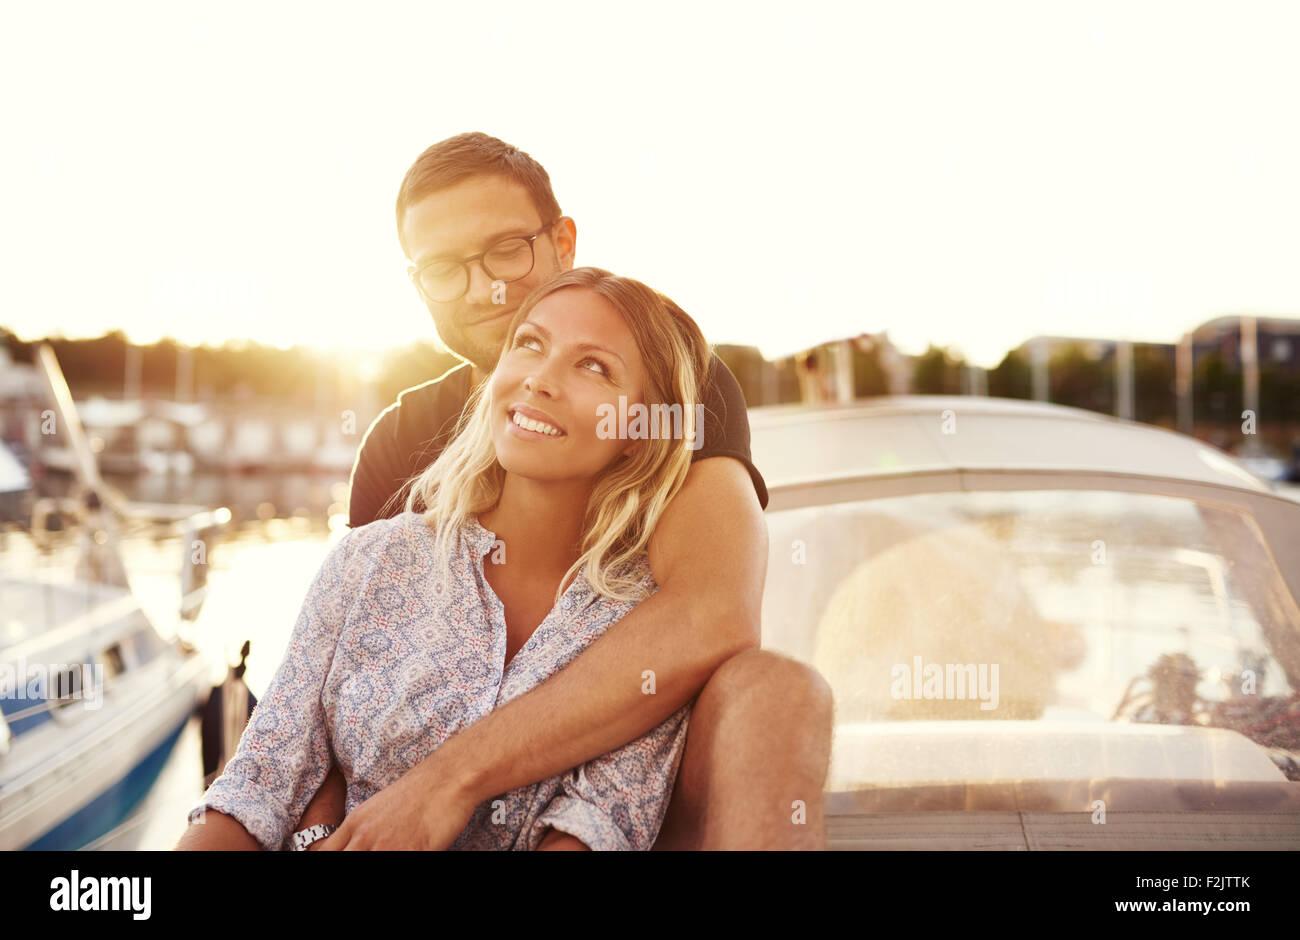 Glückliches Paar auf ein Boot, Leben genießen, während In Love Stockbild